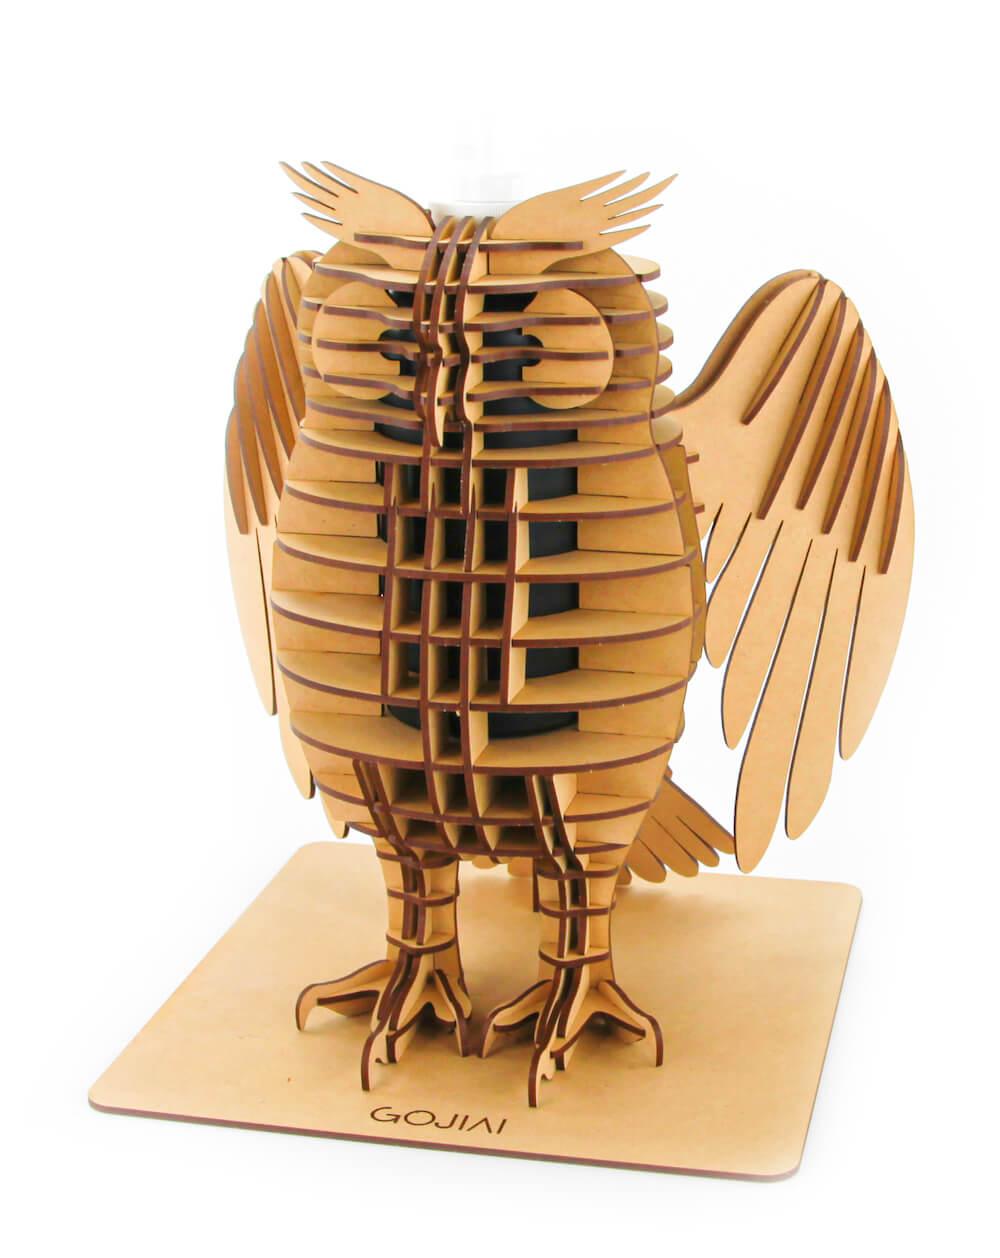 フクロウ型の消毒スプレーボトルホルダー、羽を閉じたデザイン